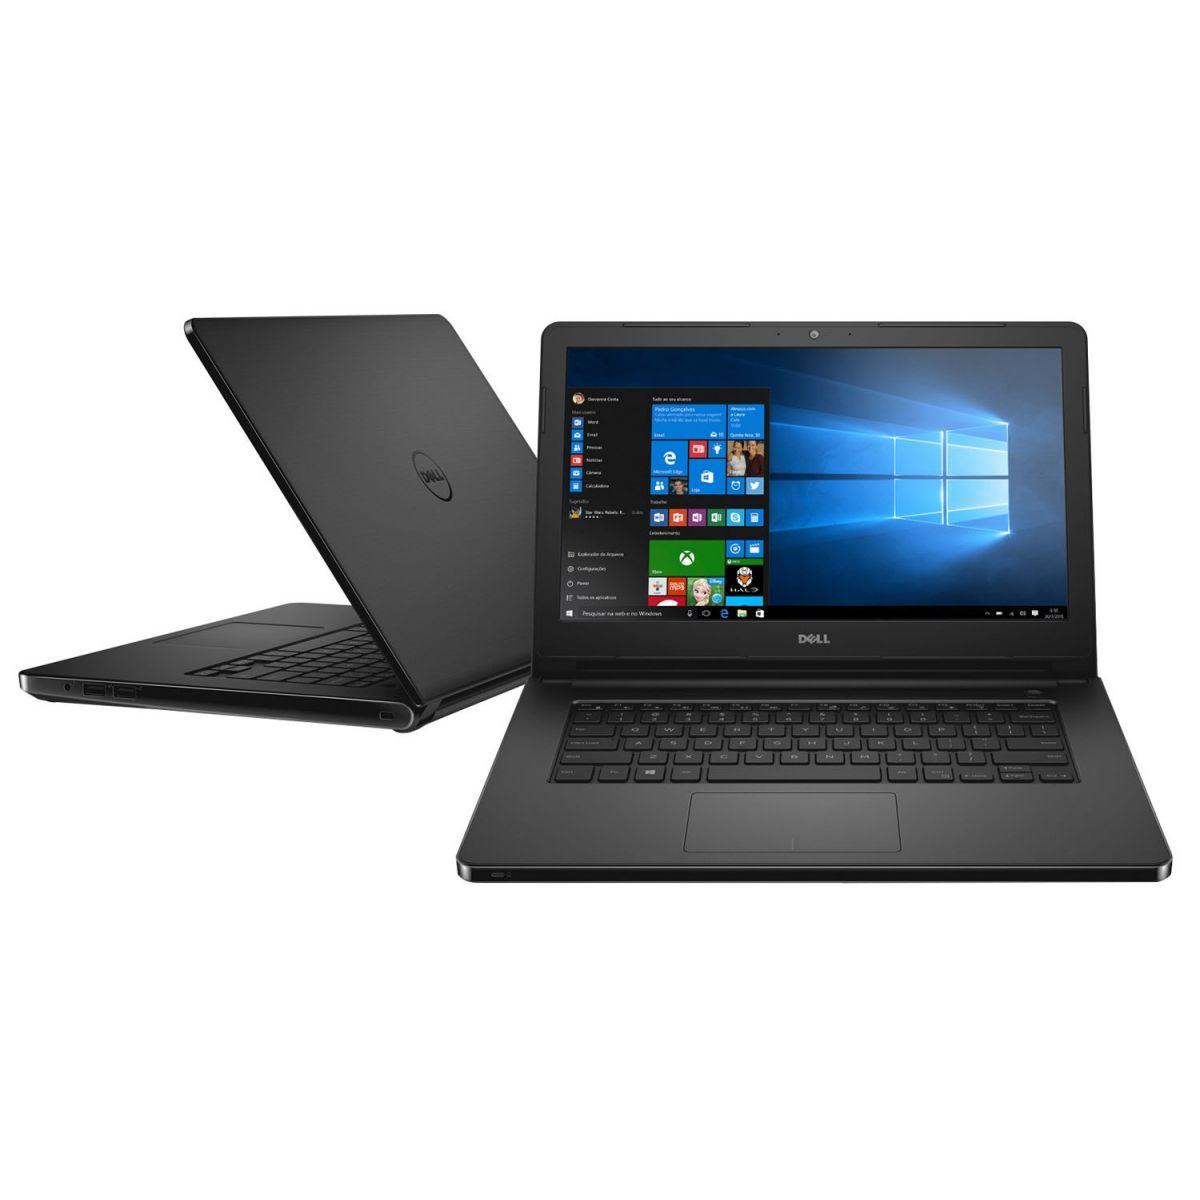 Notebook Dell Inspiron 14-5458 - Intel Core i3, 4GB de Memória, HD de 1TB, Windows 10, Tela LED de 14 (showroom) *